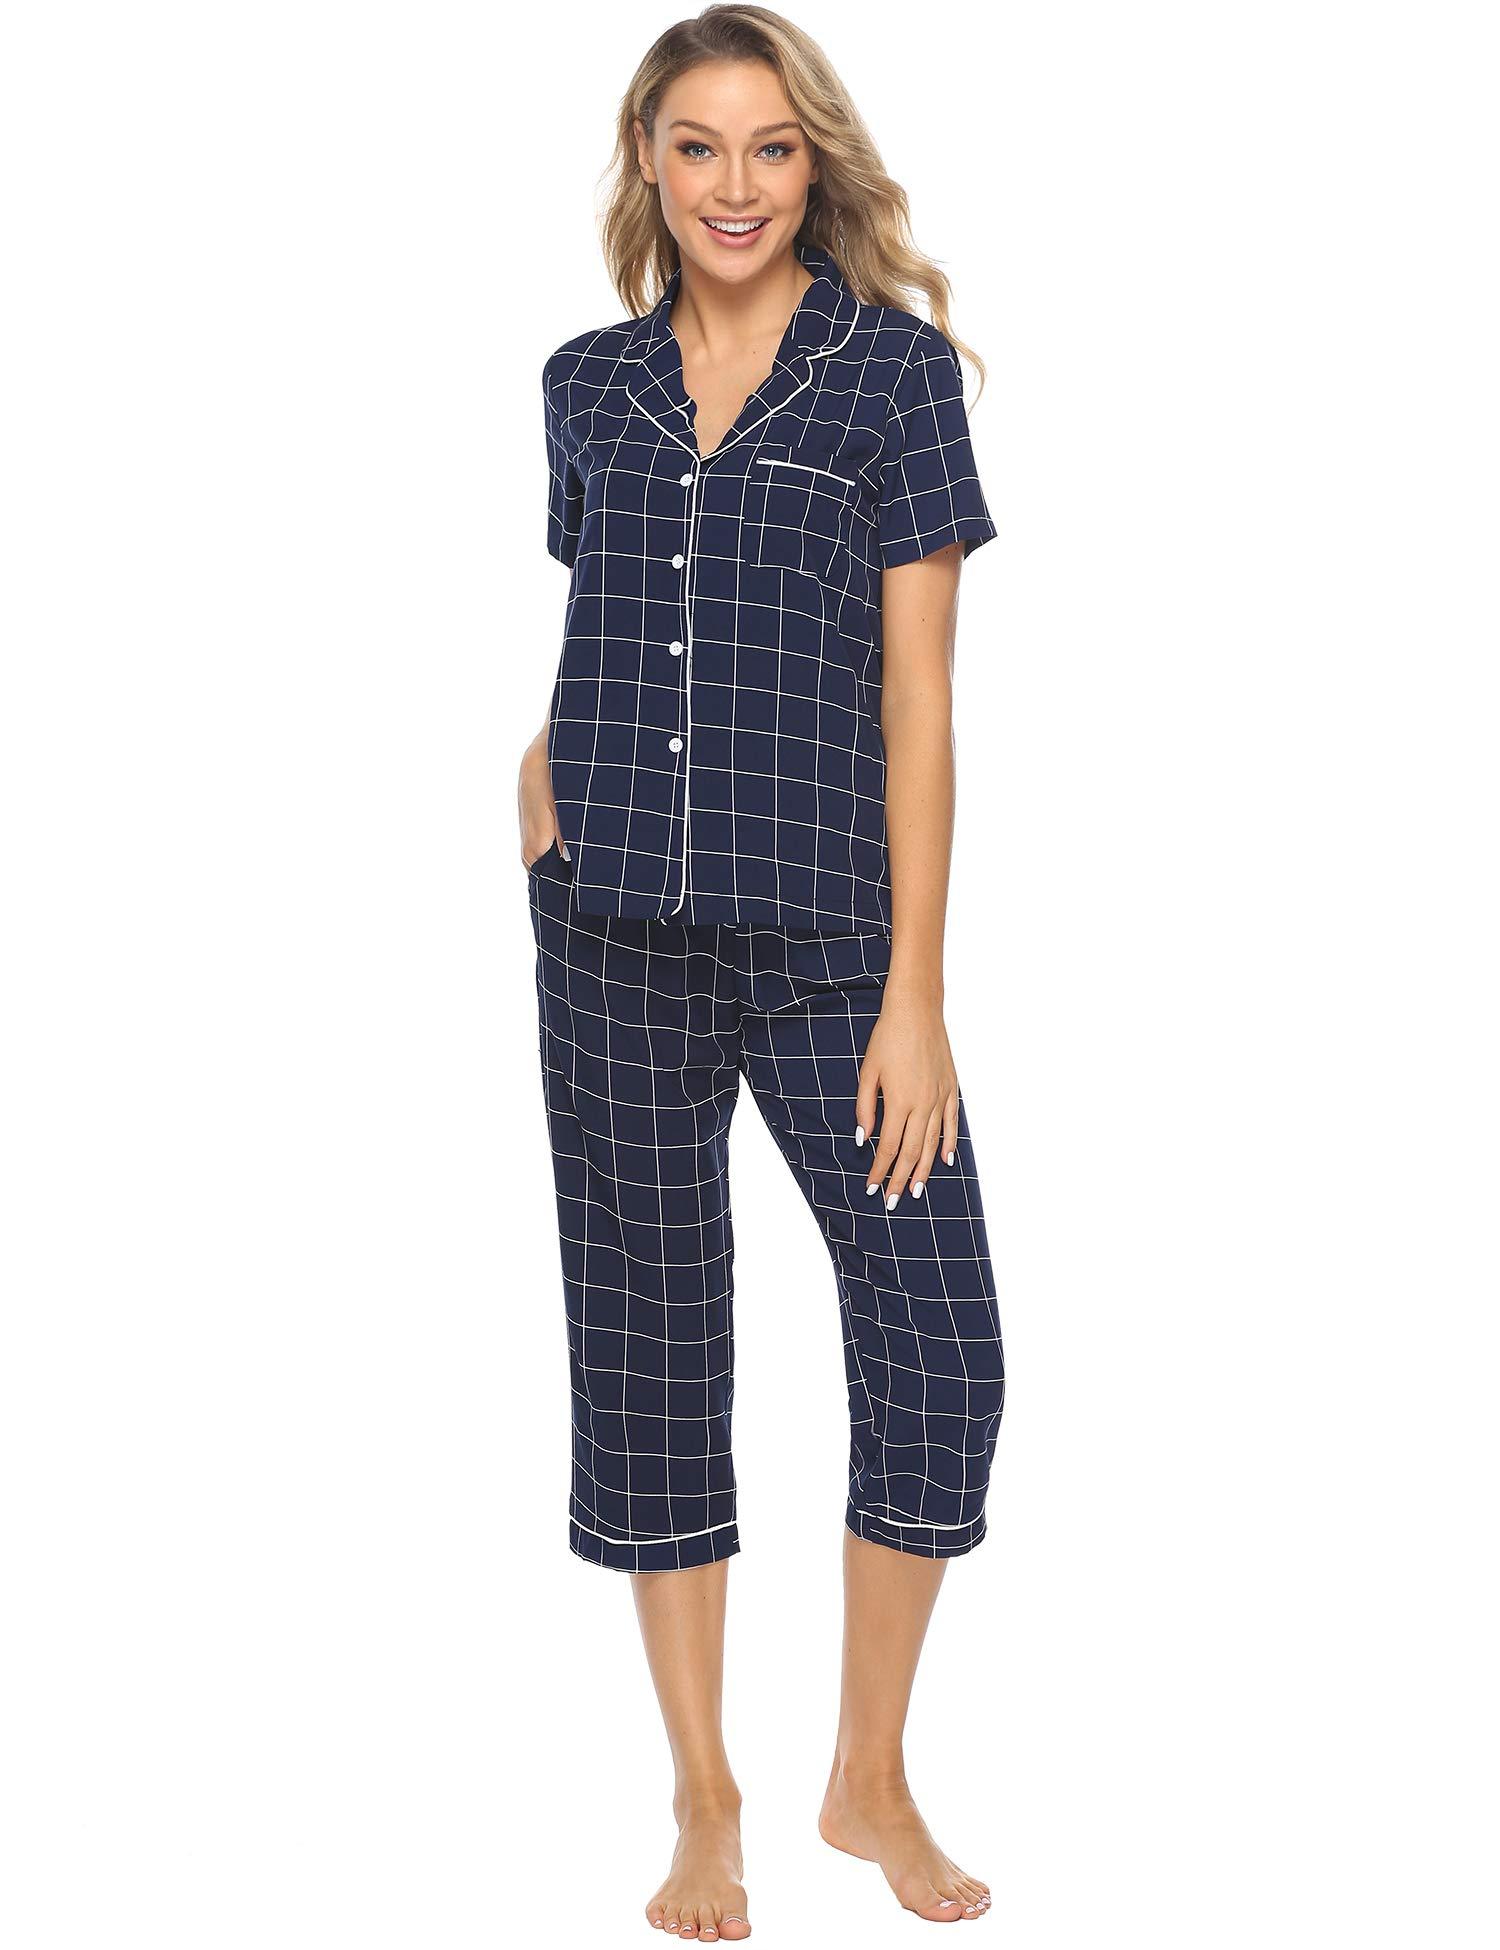 Pyjama Femme Ete Ensemble de Pyjama Carreaux en Coton Doux et Confortable Manches 3/4 Vêtements d'Intérieur Femme